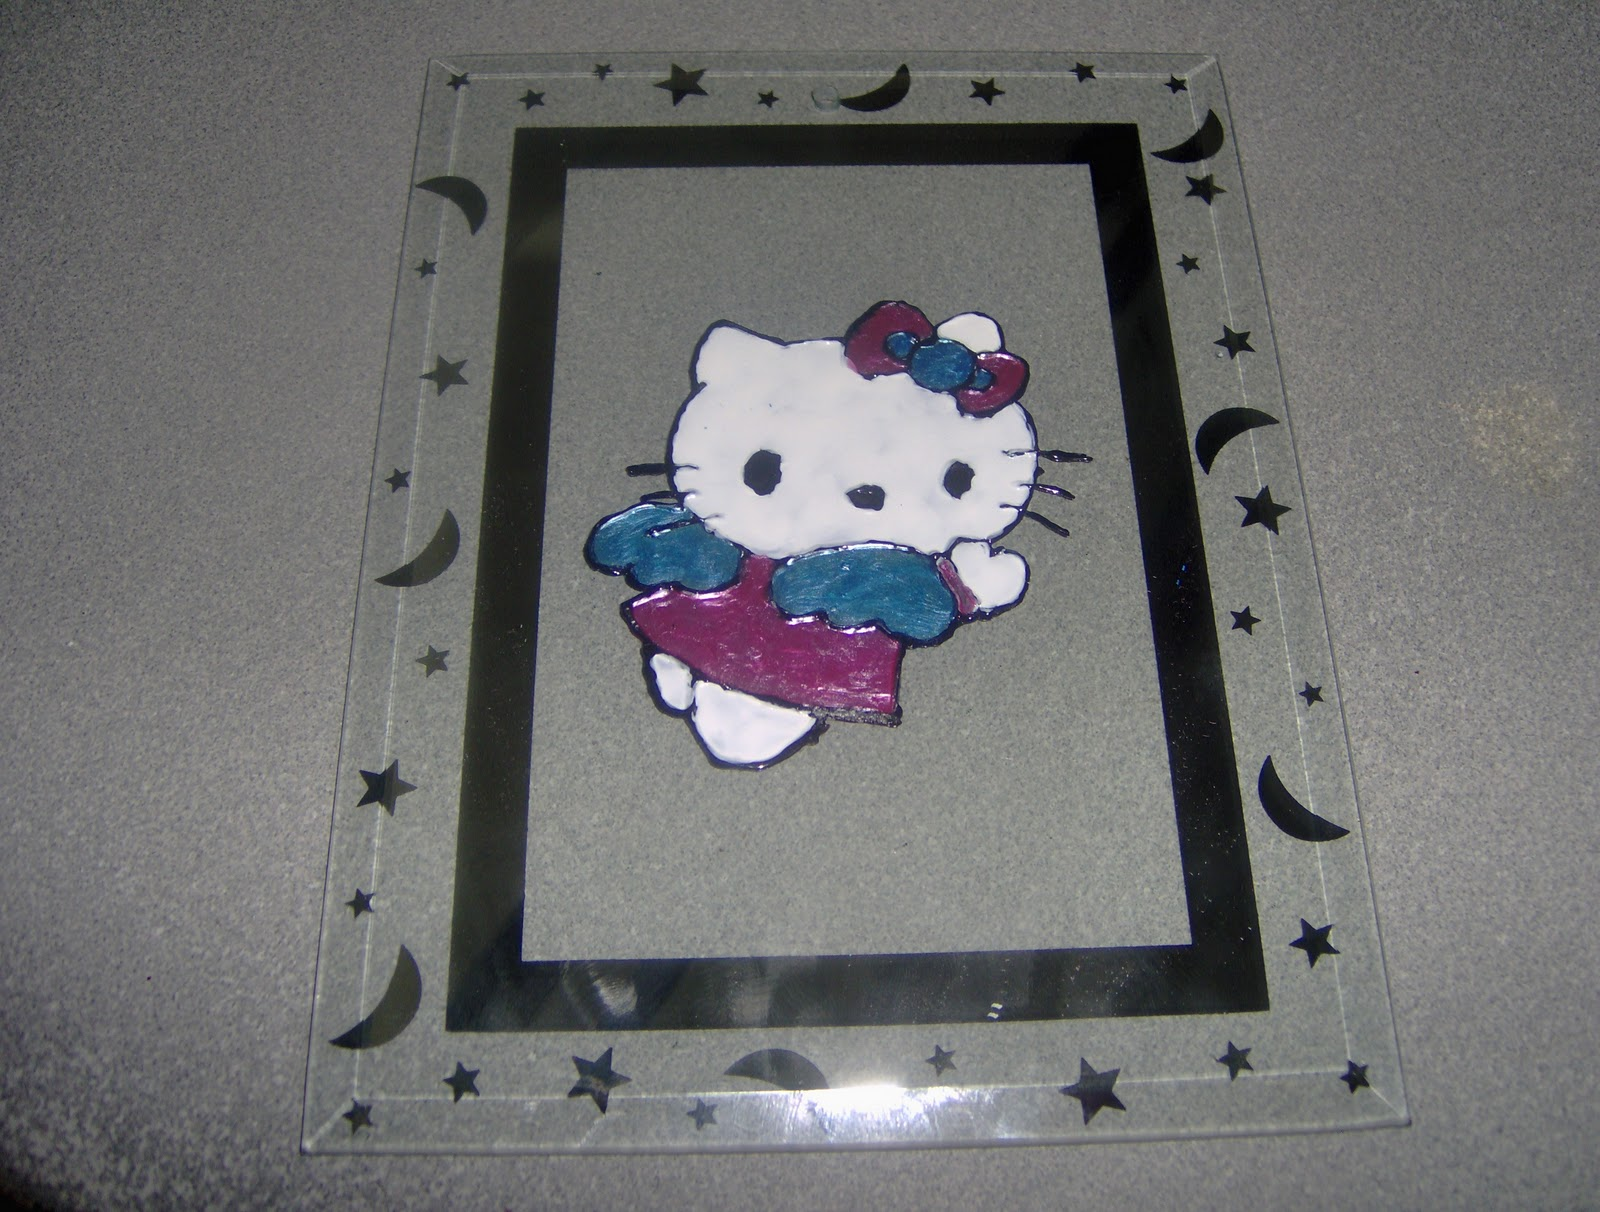 El rinconcito de alicia cuadros en vidrio elige tu - Vidrio plastico para cuadros ...